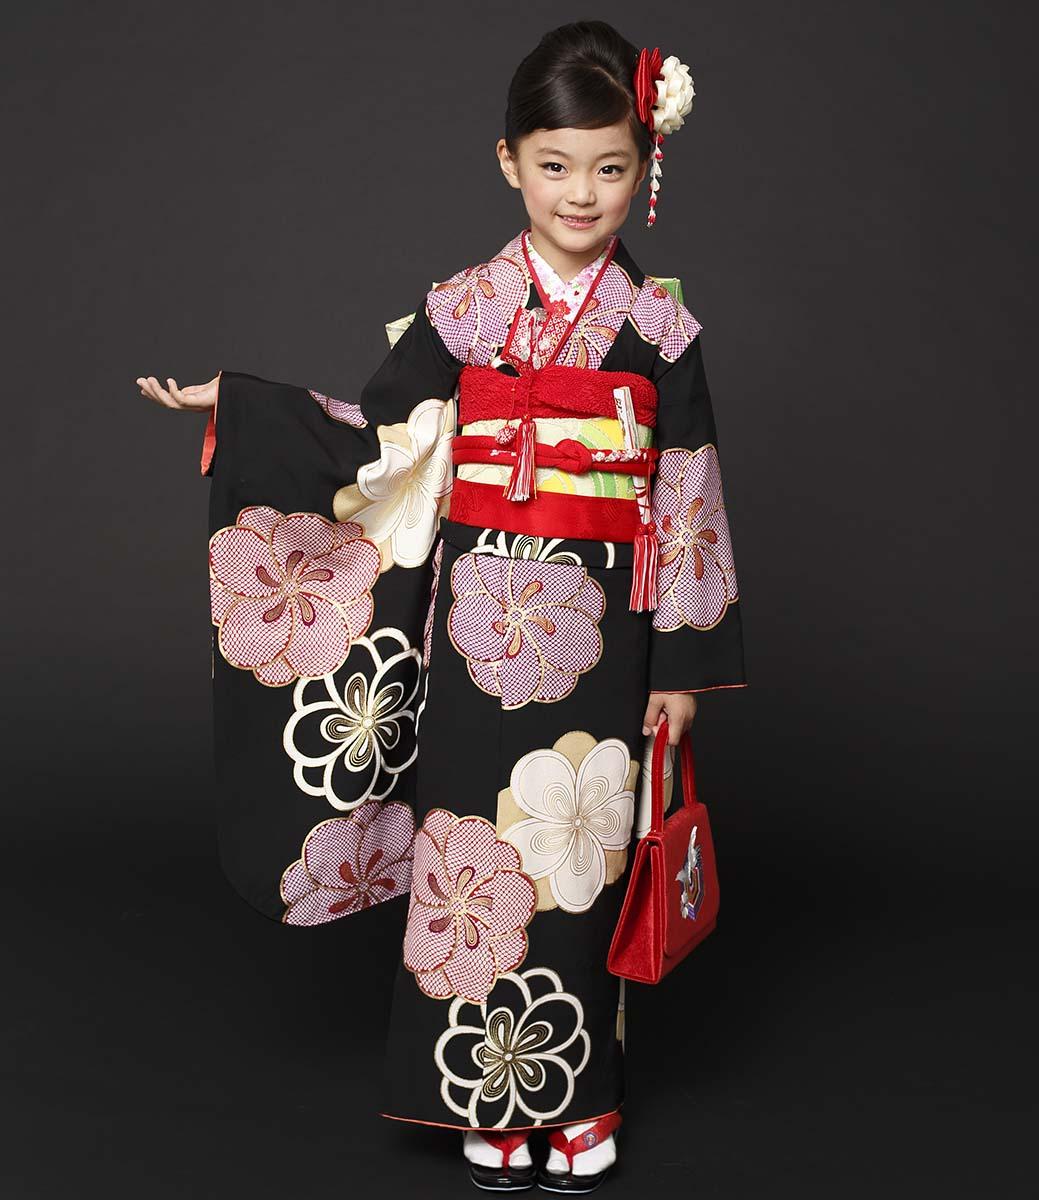 七五三 着物 7歳 紅一点 正絹 女の子 きもの単品 小紋 レトロ ブランド 黒梅 四つ身